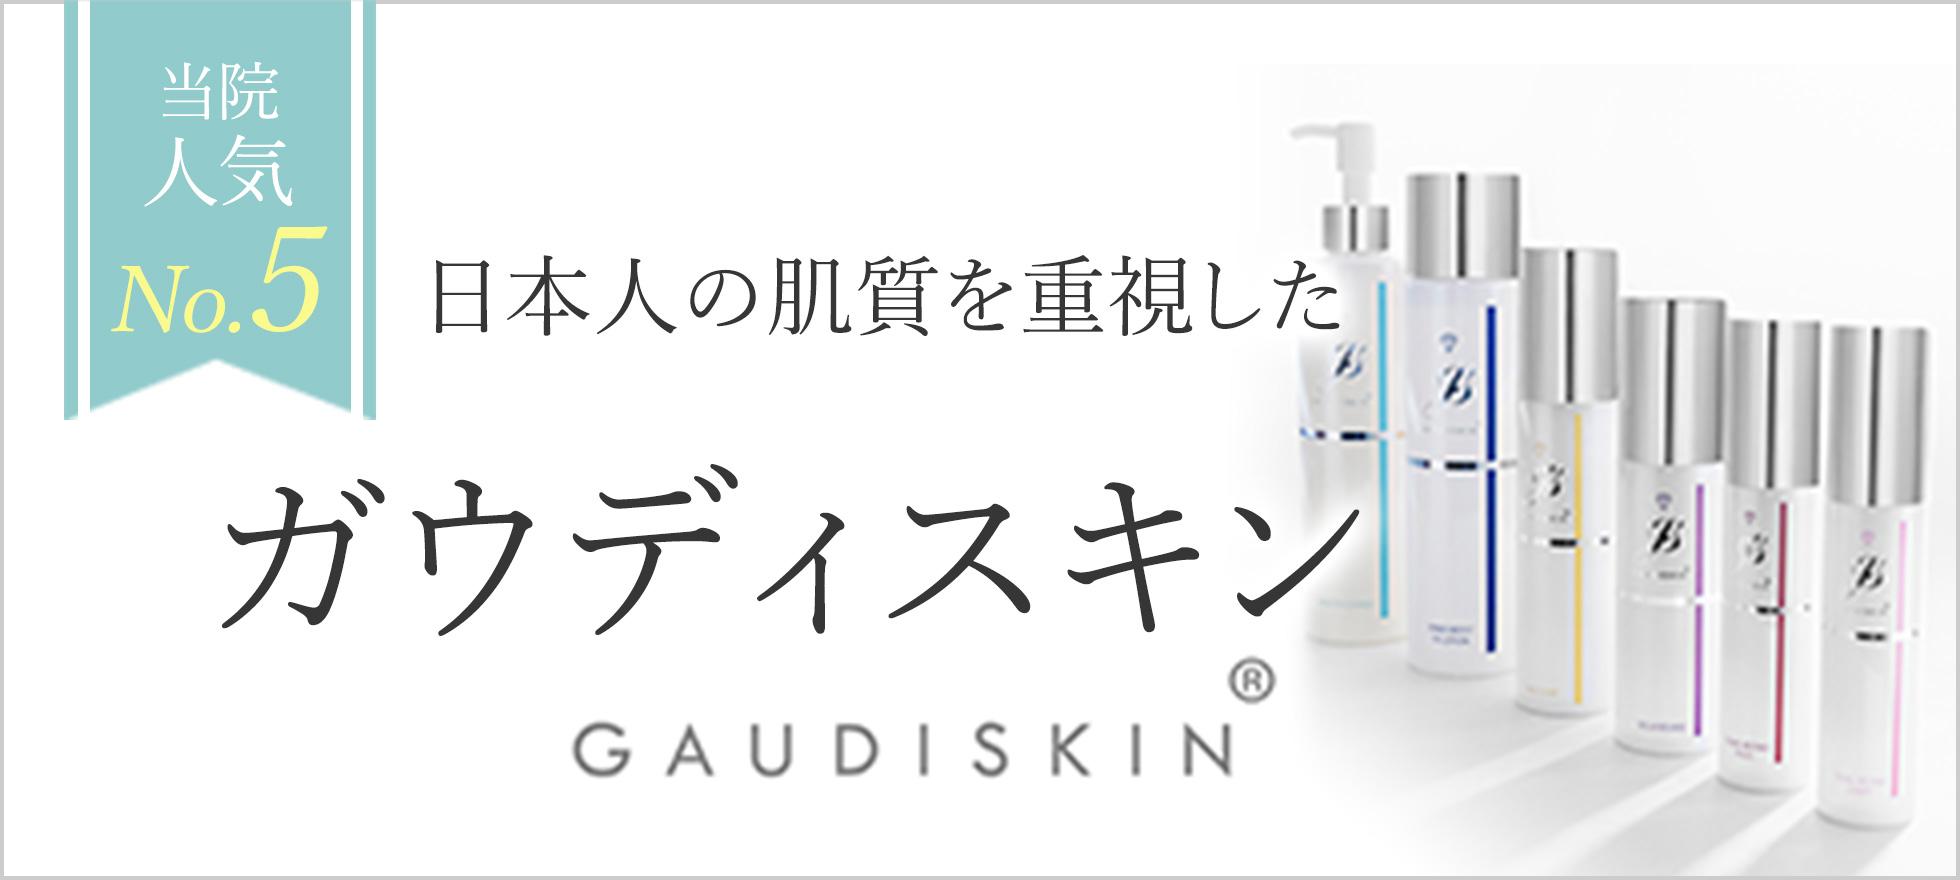 日本人の肌質を重視したガウディスキン